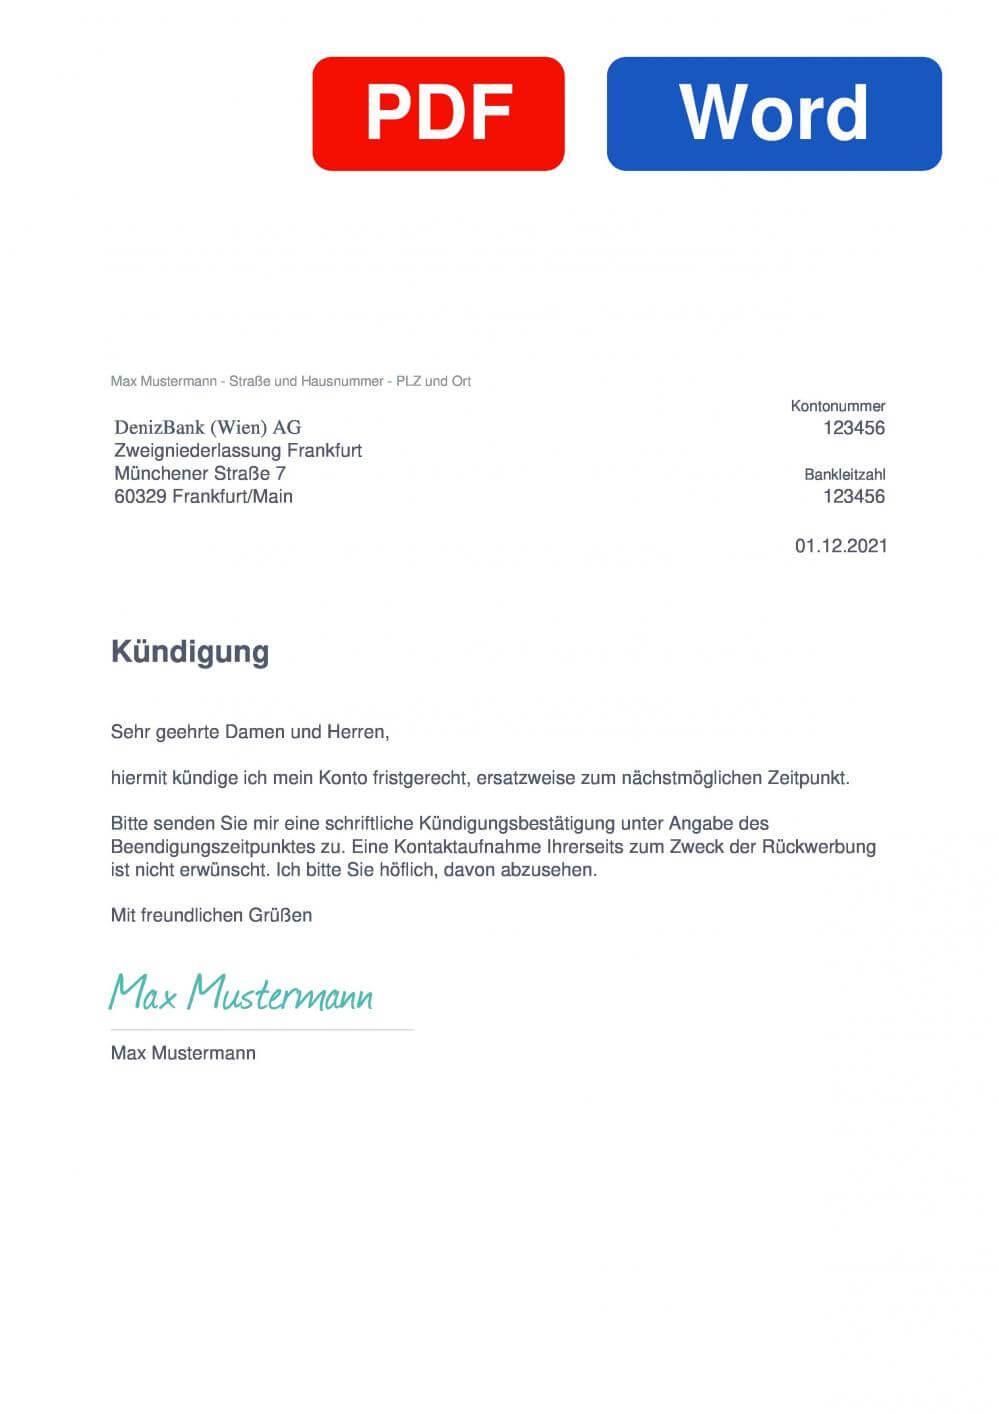 DenizBank Muster Vorlage für Kündigungsschreiben